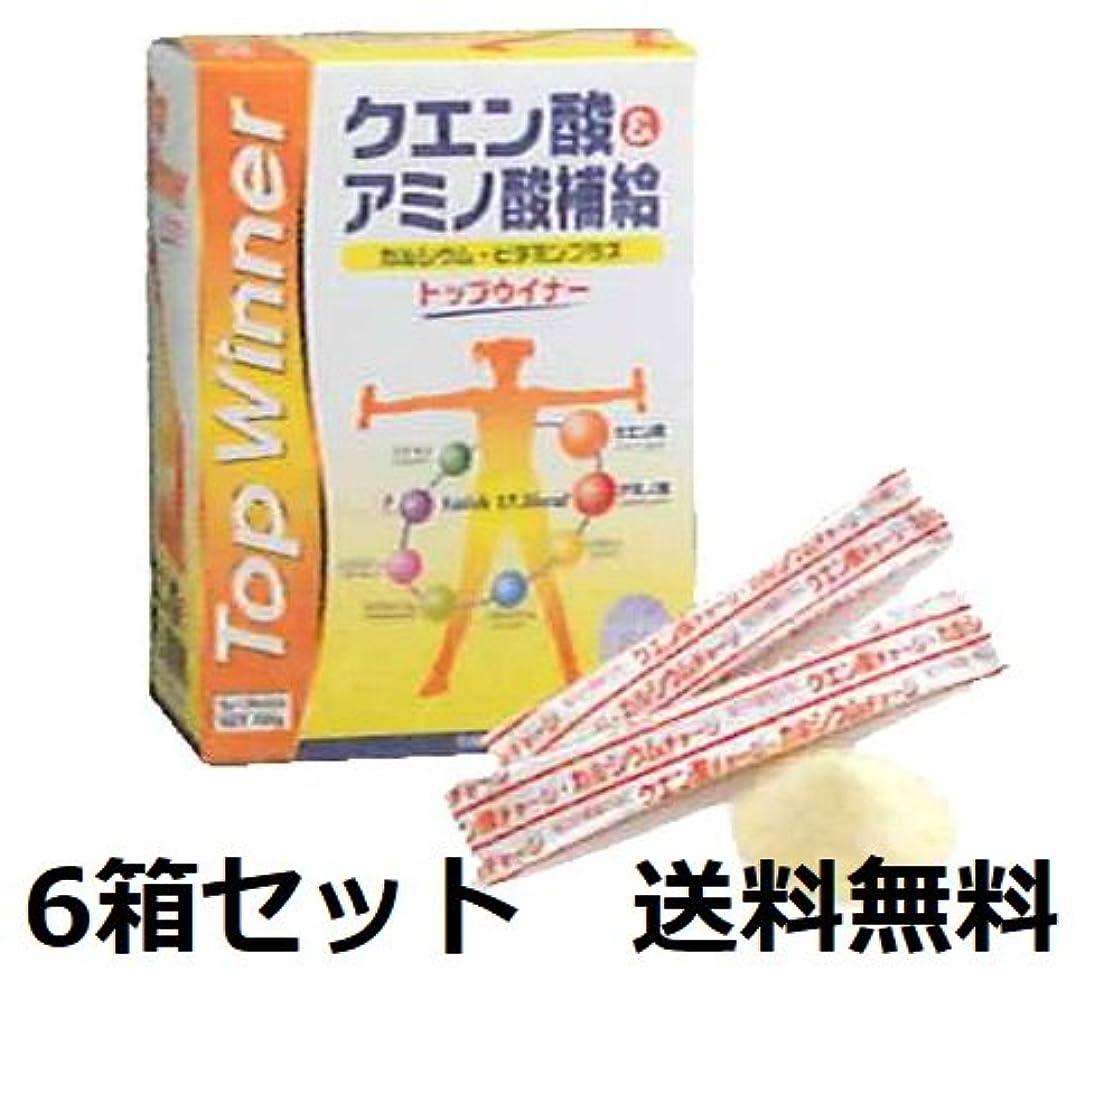 疼痛ローズ緊張トップウイナー 6箱セット アミノ酸?クエン酸飲料 5g×30本入(150g)×6箱